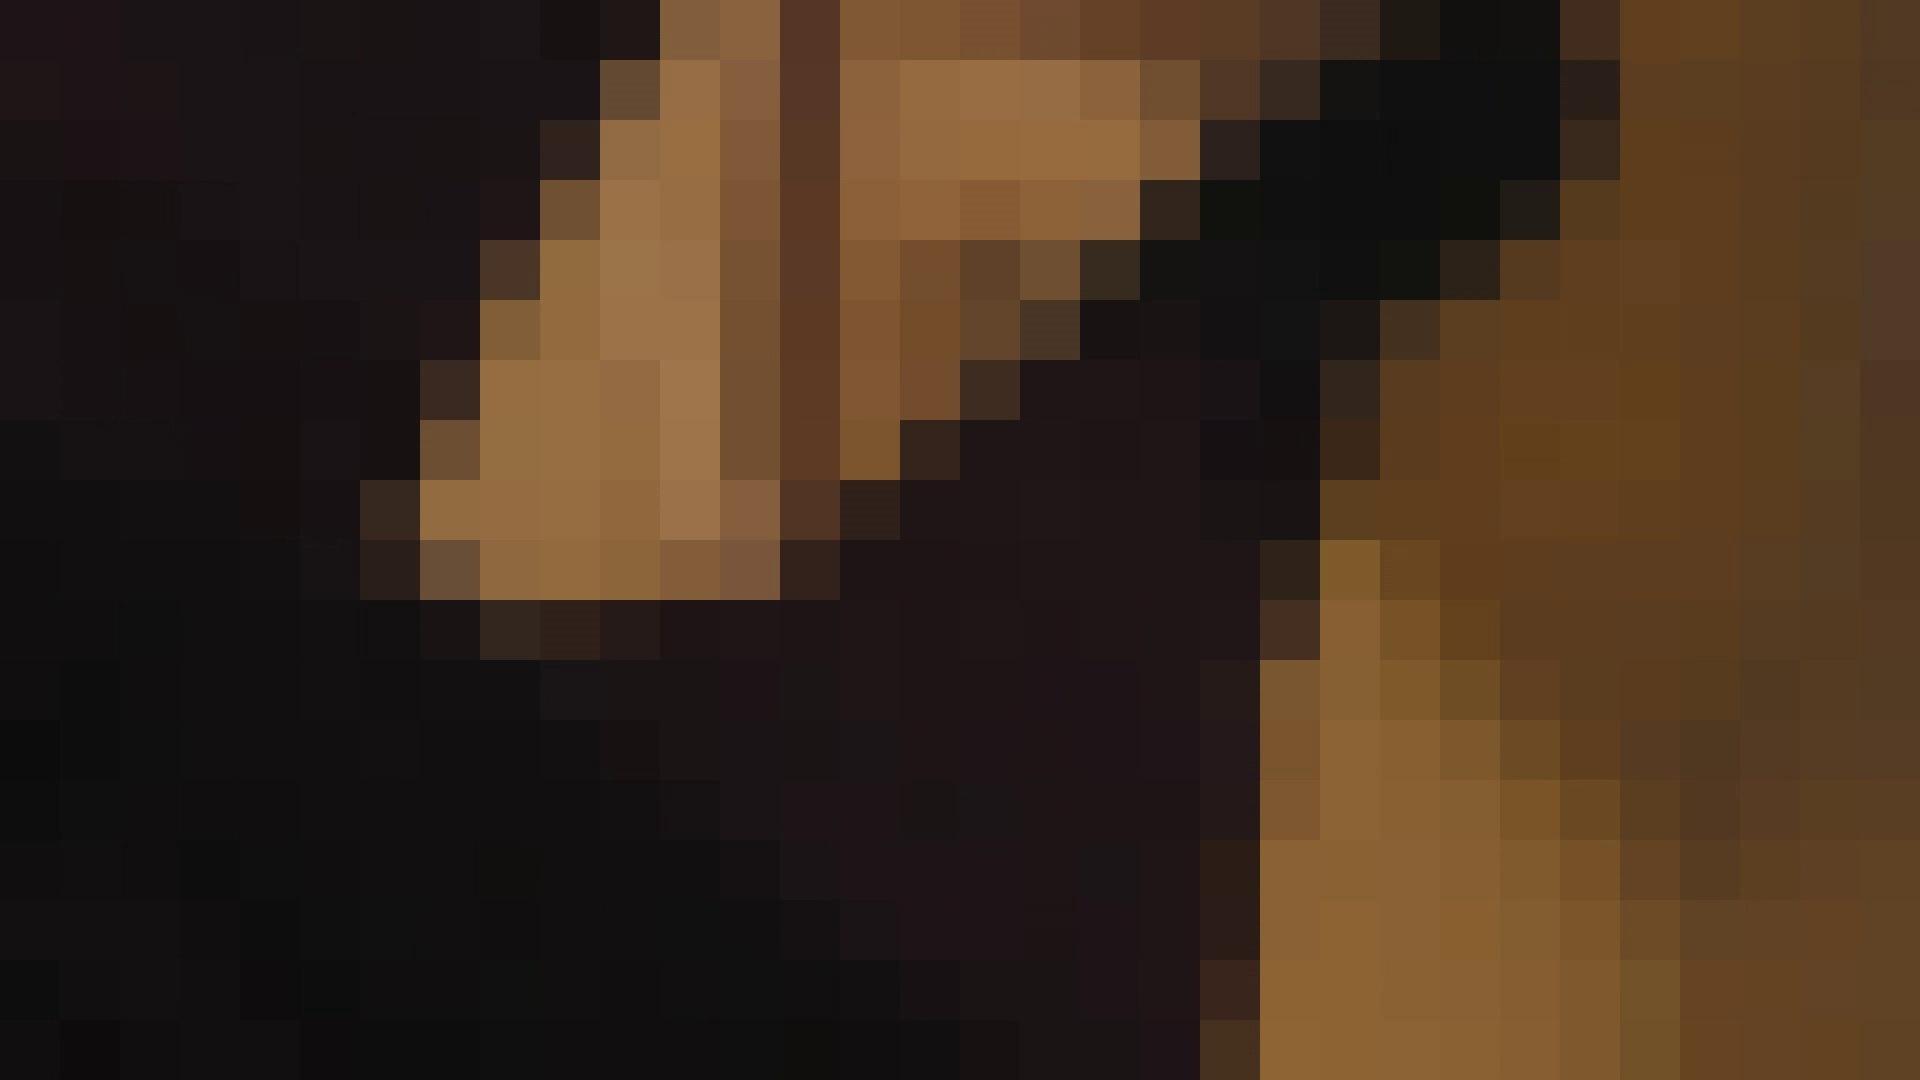 世界の射窓から vol.32 OL女体 | 洗面所  95連発 33